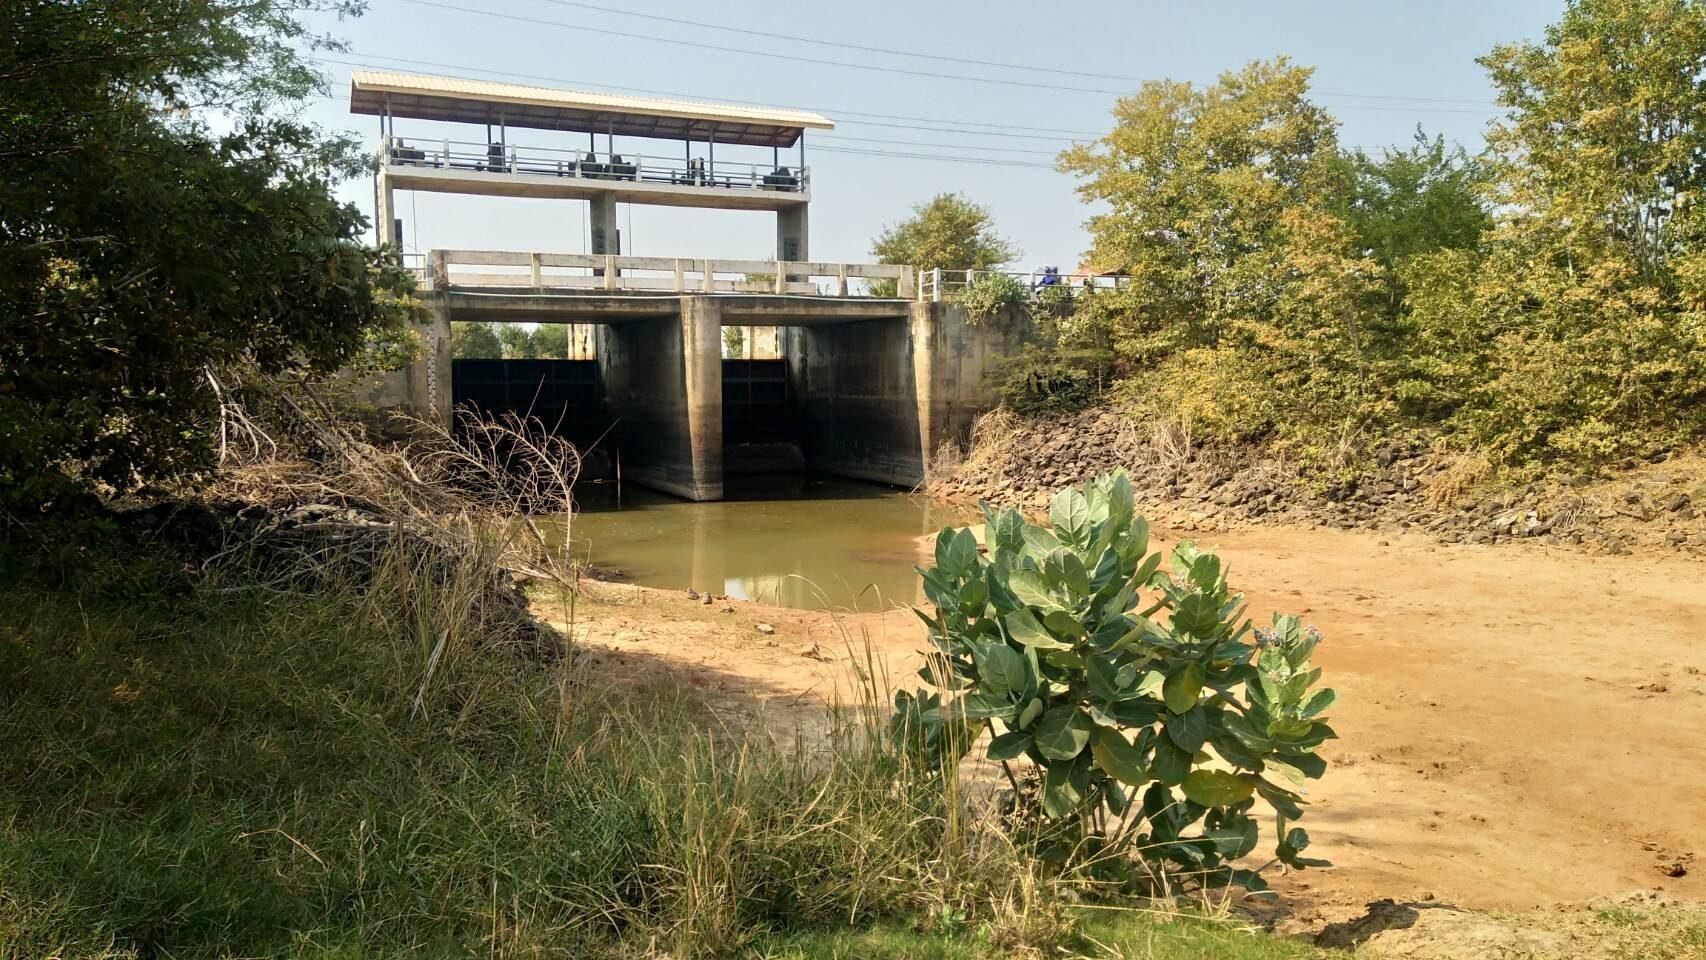 ปริมาณน้ำในเขื่อนหลักโคราช ยังวิกฤติ หากภายใน 2 เดือนฝนทิ้งช่วง ชาวโคราชลำบากแน่